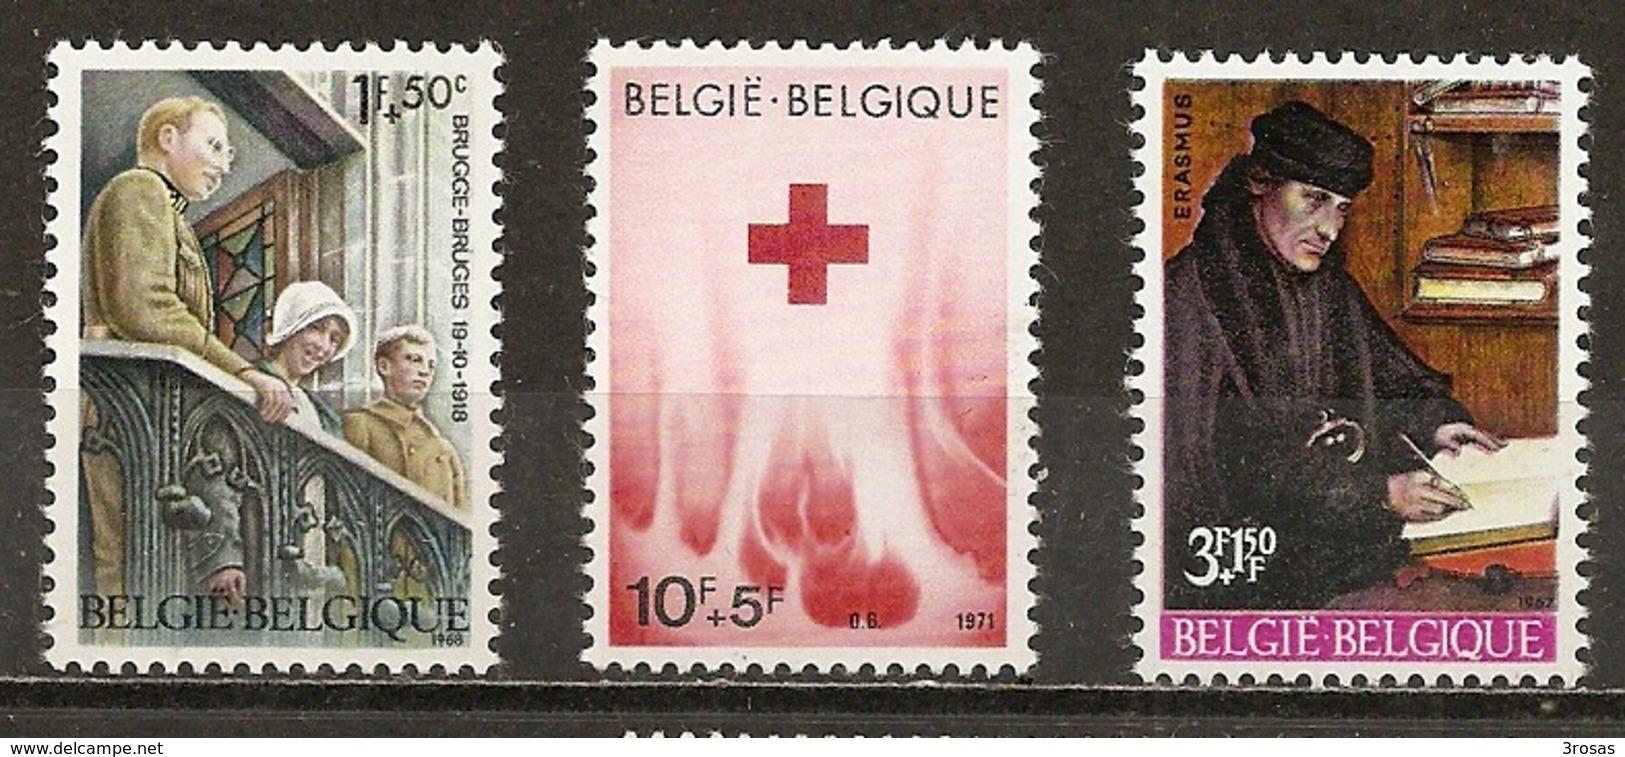 Belgique Belgium Surtax Stamps With Croix-rouge Erasmus Red Cross MNH ** - Verzamelingen (zonder Album)